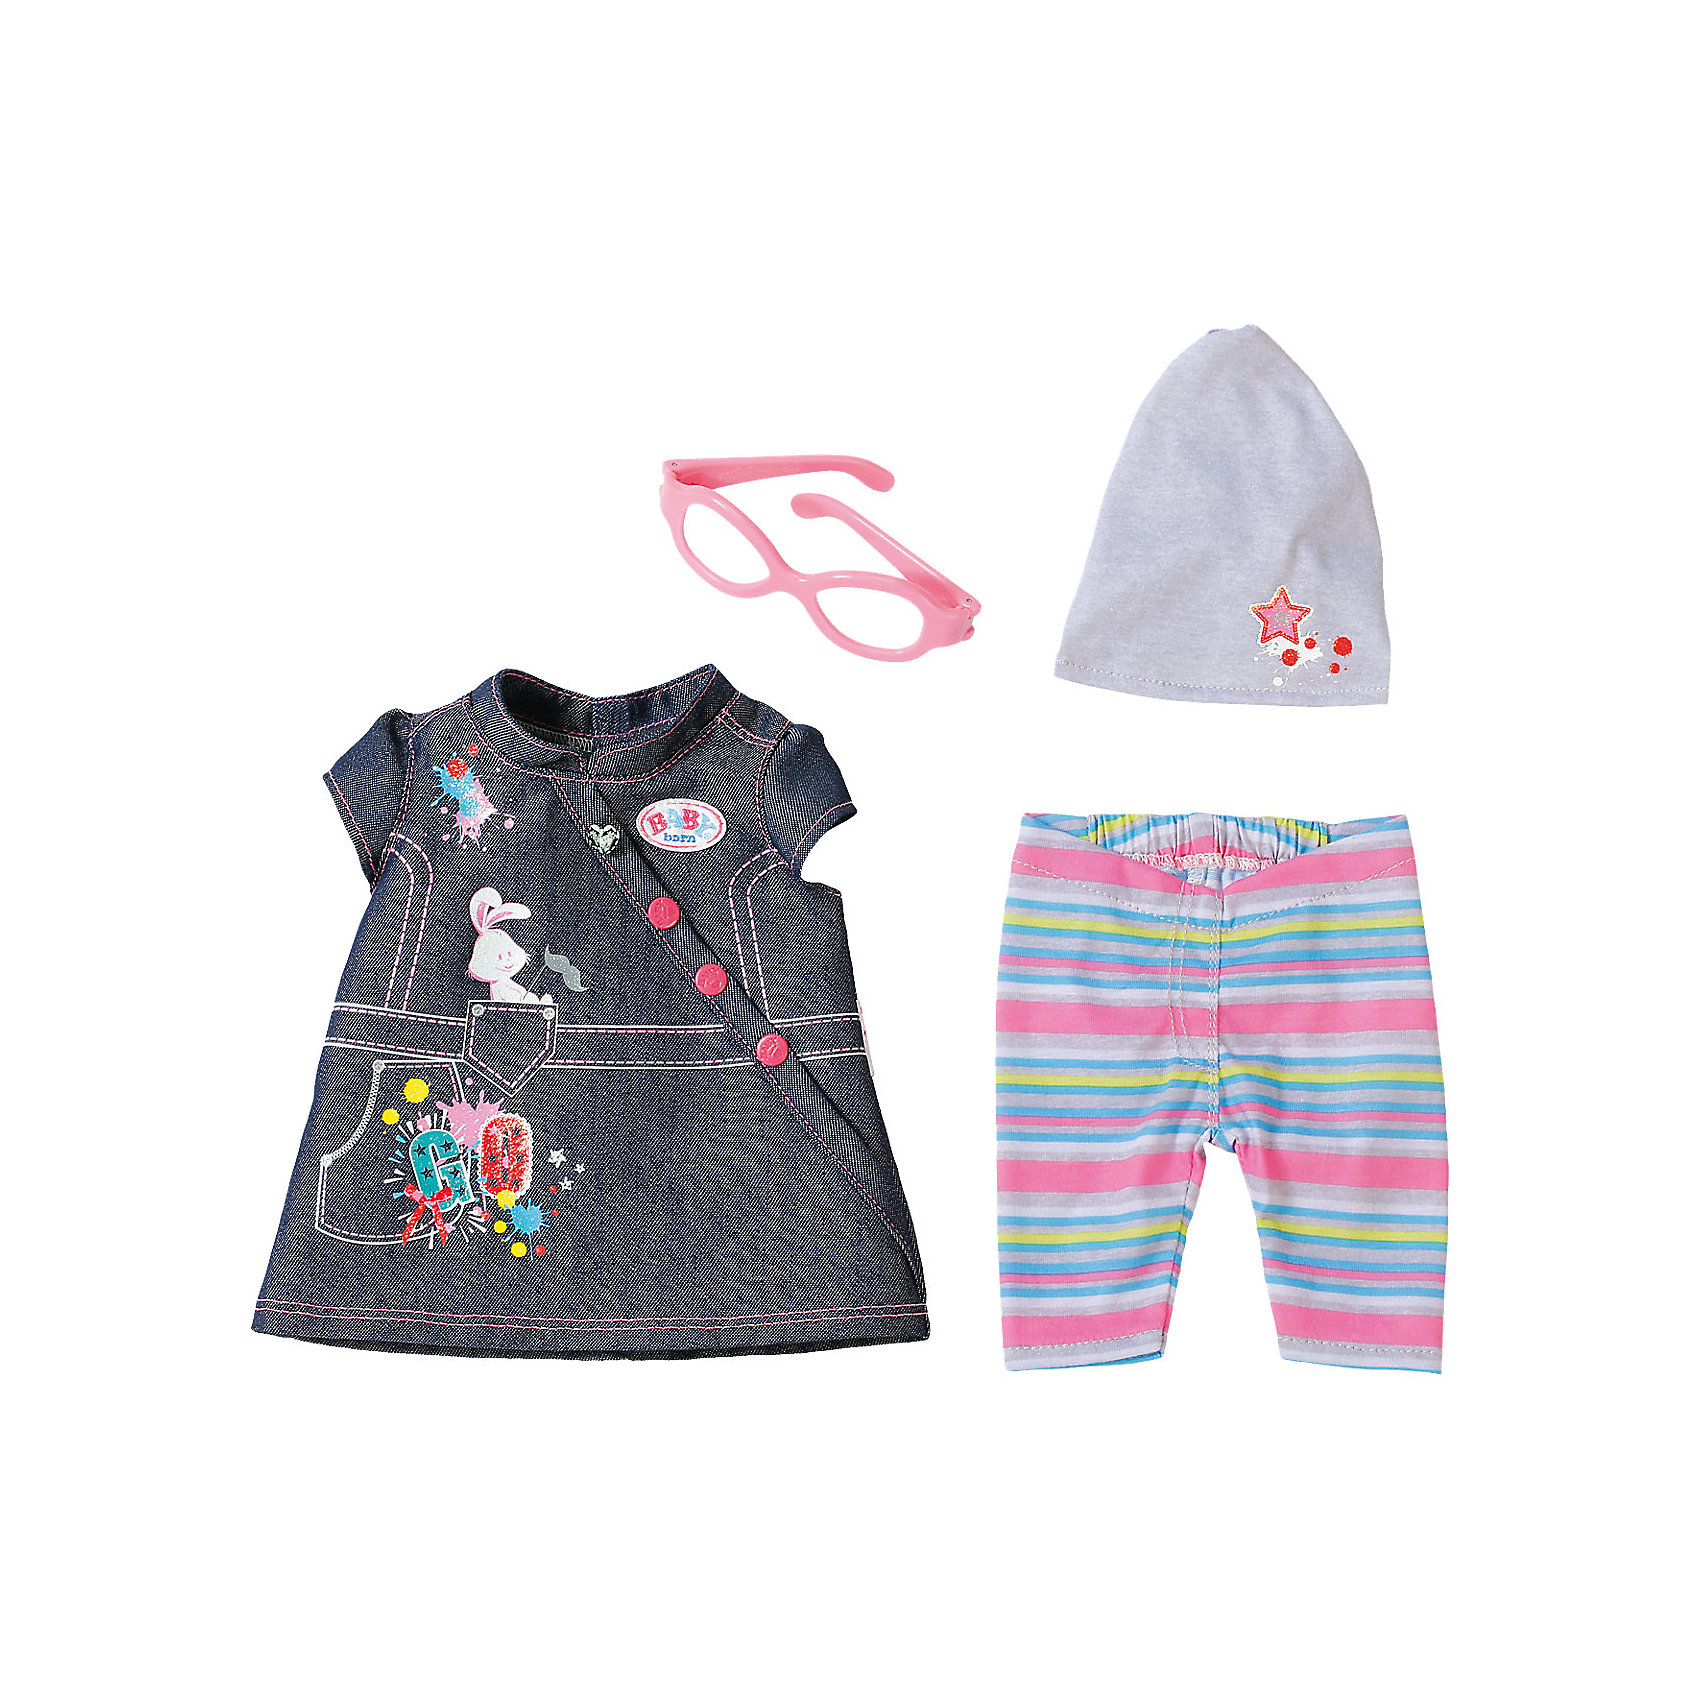 Одежда Джинсовая, BABY born, разноцветнаяОдежда для кукол<br>Характеристики товара:<br><br>- цвет: разноцветный;<br>- материал: тестиль;<br>- комплектация: туника, легинсы, шапка, очки;<br>- размер упаковки: 37х8х28 см.<br><br>Кукольная одежда – мечта всех девочек, обожающих играть в дочки-матери! Куклы Бэби Борн – абсолютные фавориты среди детских игрушек. Одно из преимуществ моделей – возможность переодевать куклу на свое усмотрение. Такой набор одежды – интересный и необычный вариант разнообразить игры с куклой. Комплект представлен в новой коллекции одежды для куклы Бэби борн. Вещи, туника, легинсы, шапка, очки, очень модно и нарядно смотрятся. Материалы, использованные при изготовлении изделия, абсолютно безопасны и полностью отвечают международным требованиям по качеству детских товаров.<br><br>Одежду Джинсовую, BABY born, можно купить в нашем интернет-магазине.<br><br>Ширина мм: 366<br>Глубина мм: 281<br>Высота мм: 81<br>Вес г: 284<br>Возраст от месяцев: 36<br>Возраст до месяцев: 2147483647<br>Пол: Женский<br>Возраст: Детский<br>SKU: 5140224